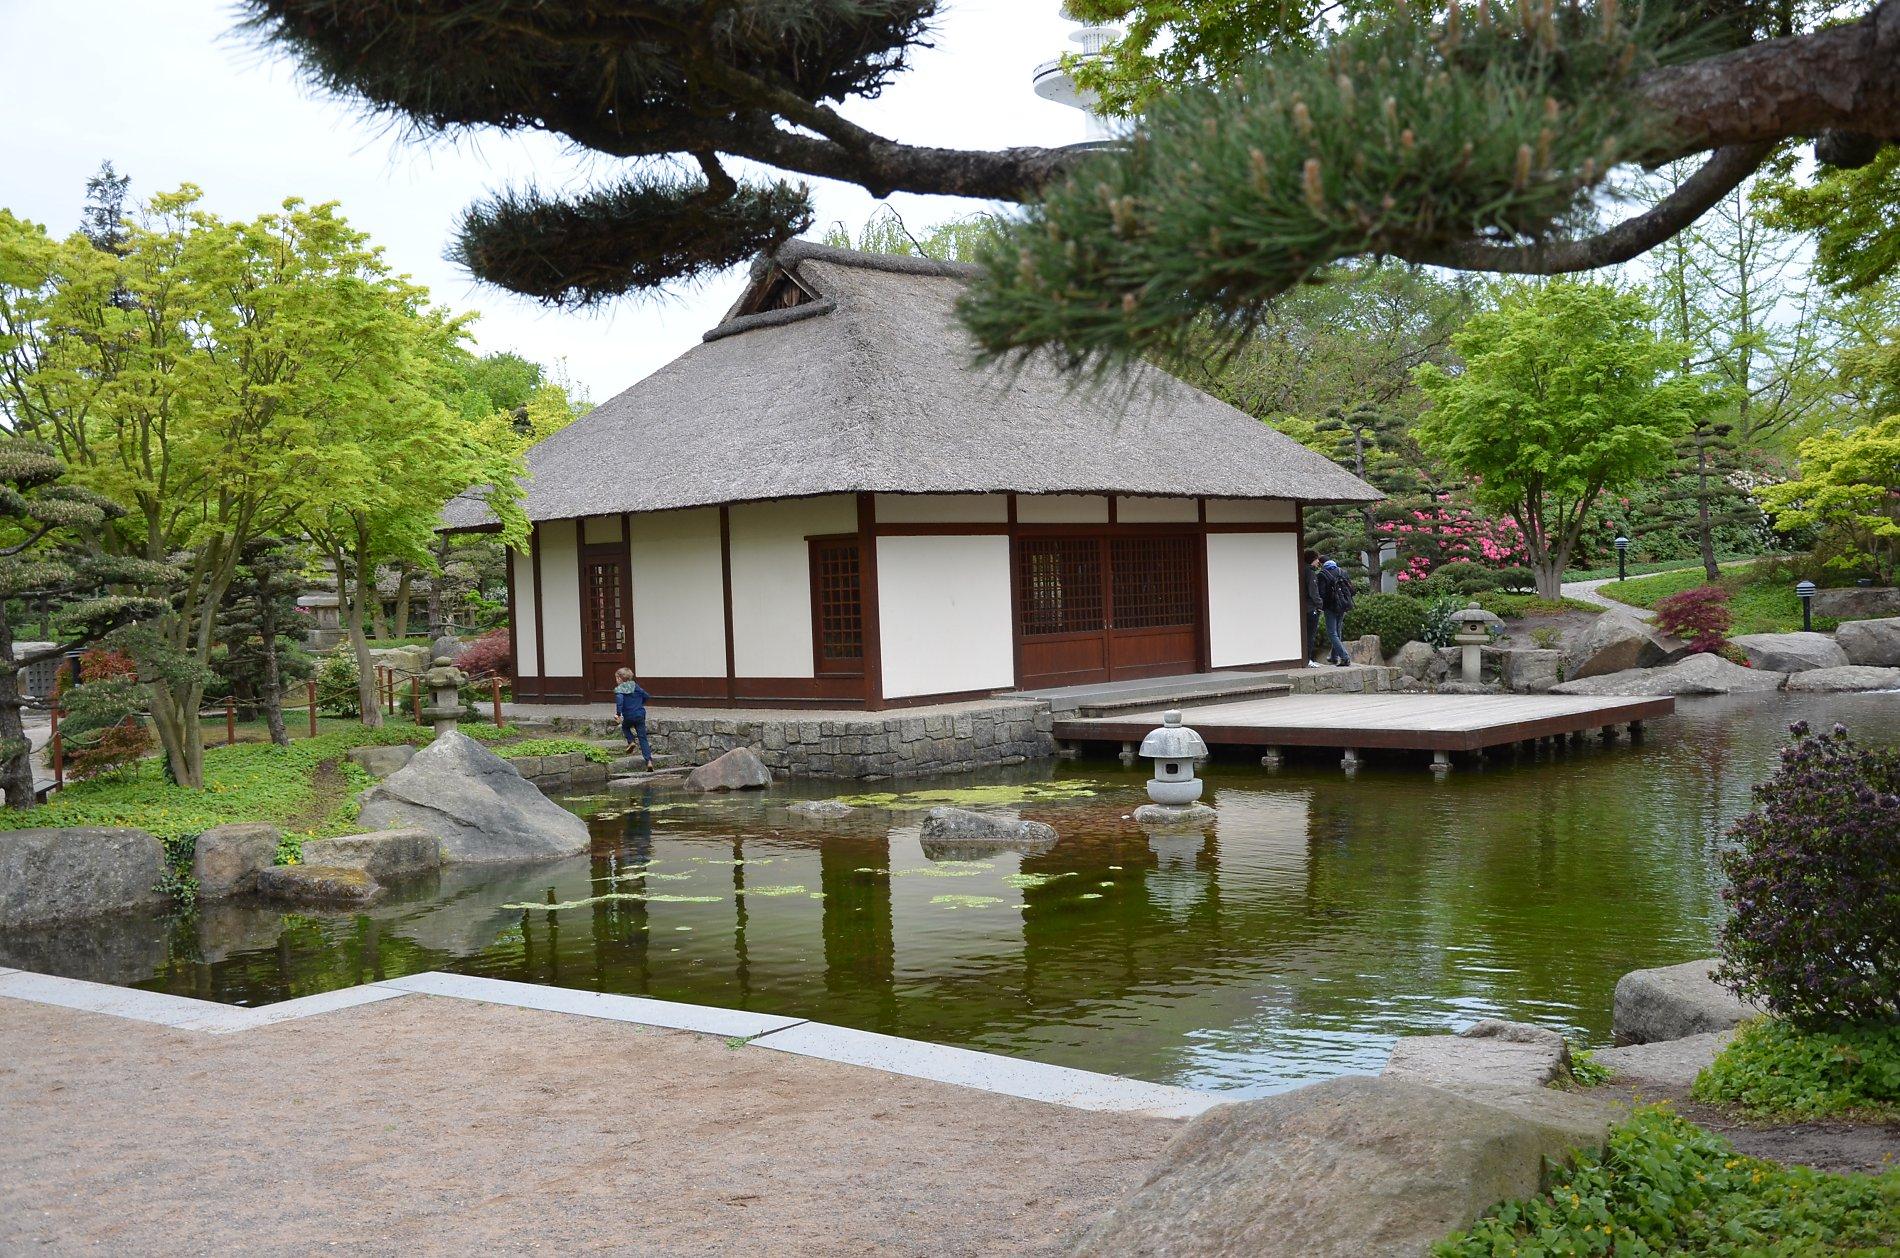 Die Terrasse des Teehauses wird gerne zum Ausruhen und Meditieren genutzt.